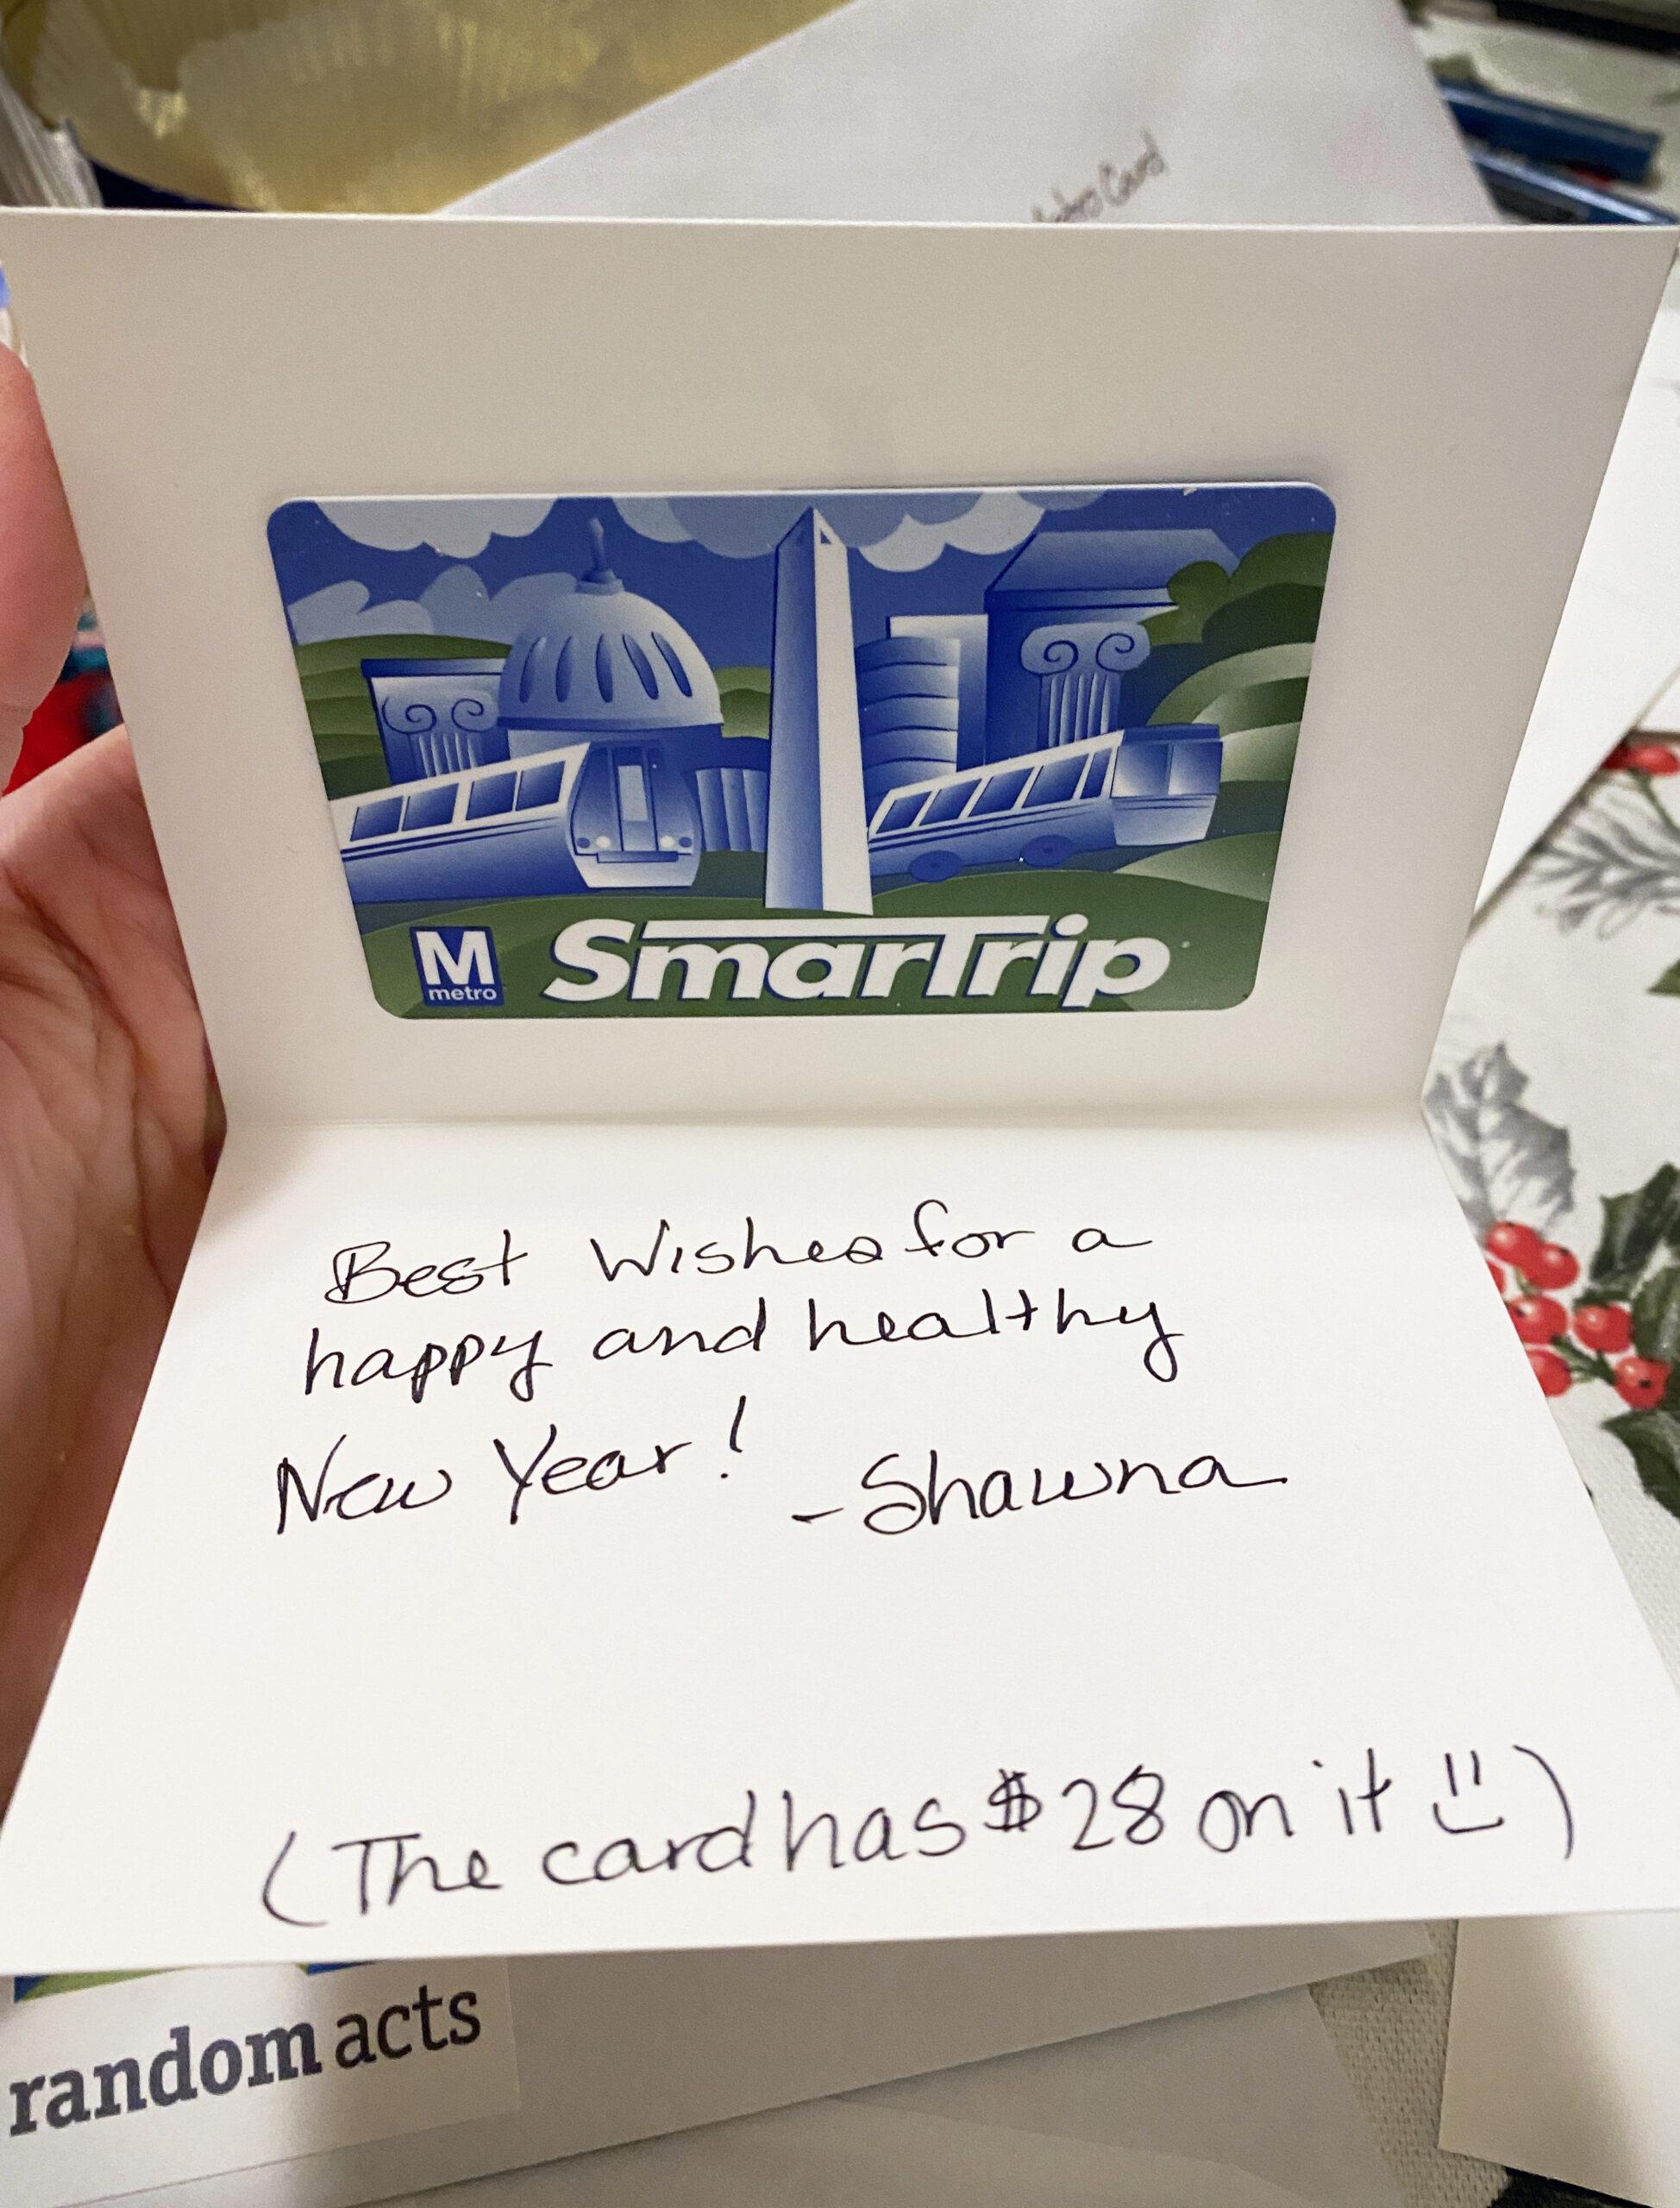 photo of transit card